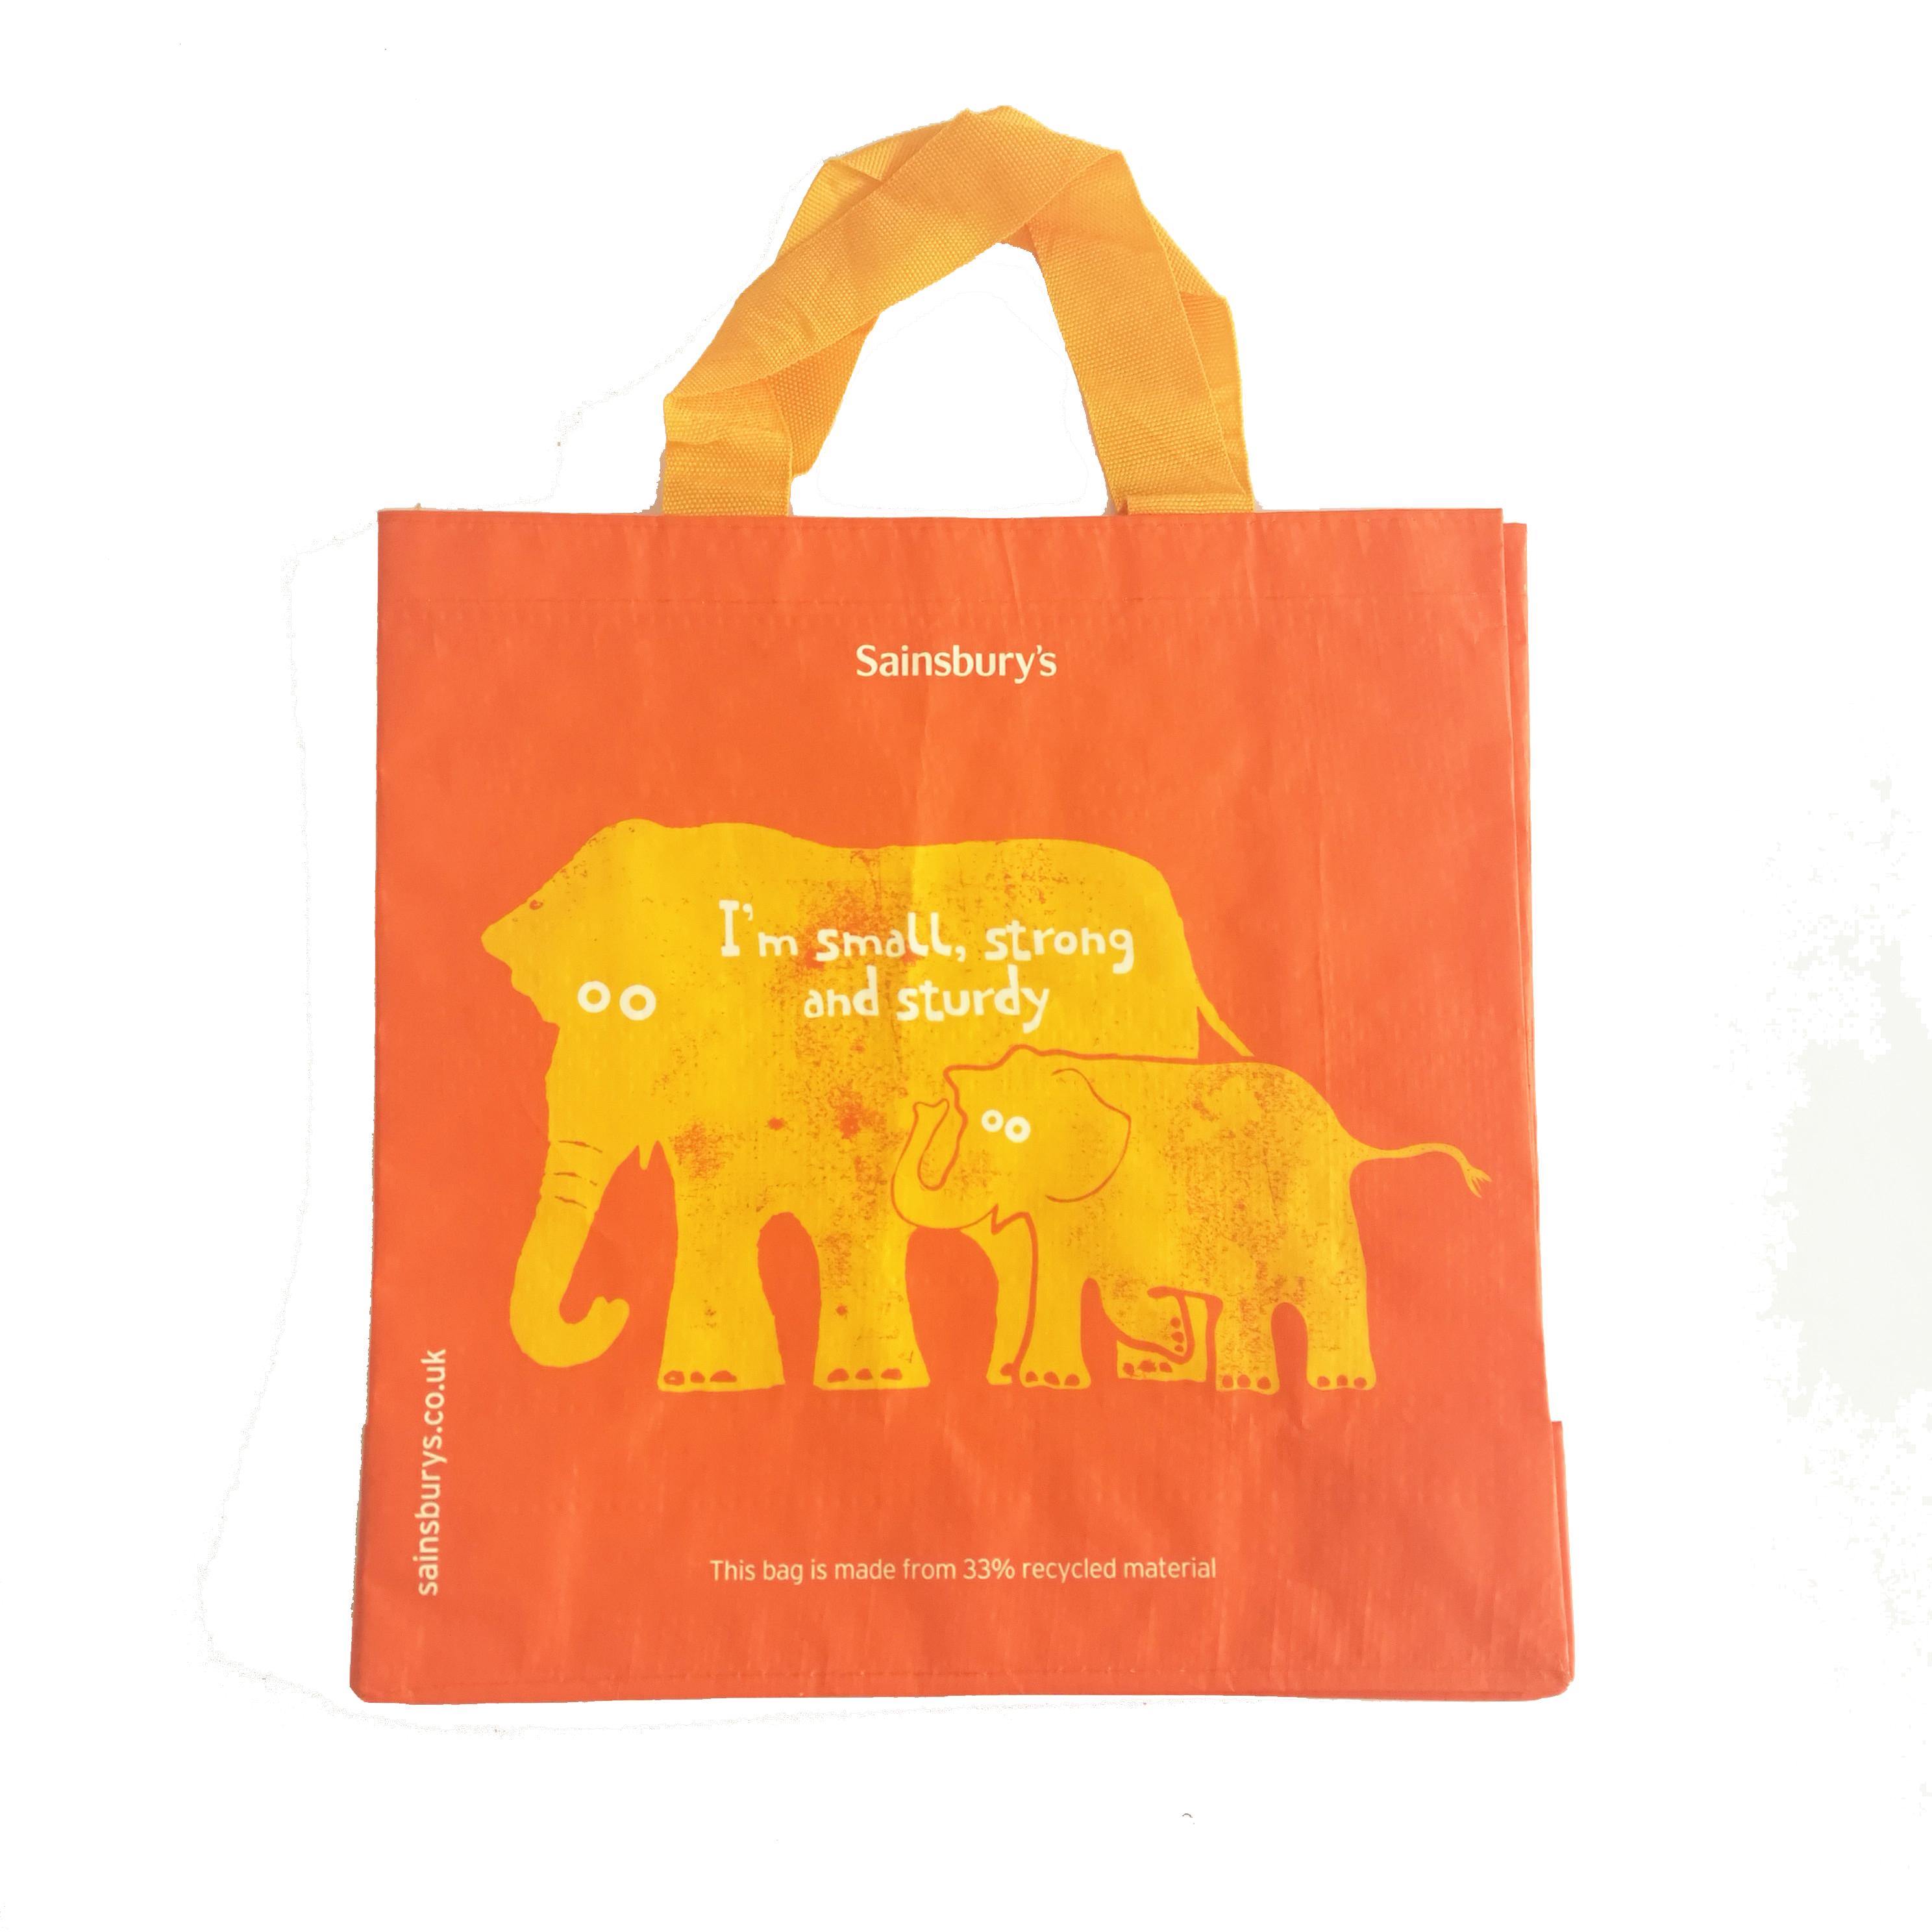 13e979f93 Ecológico no tejida de compras de supermercado bolsas ecologicas  supermercado